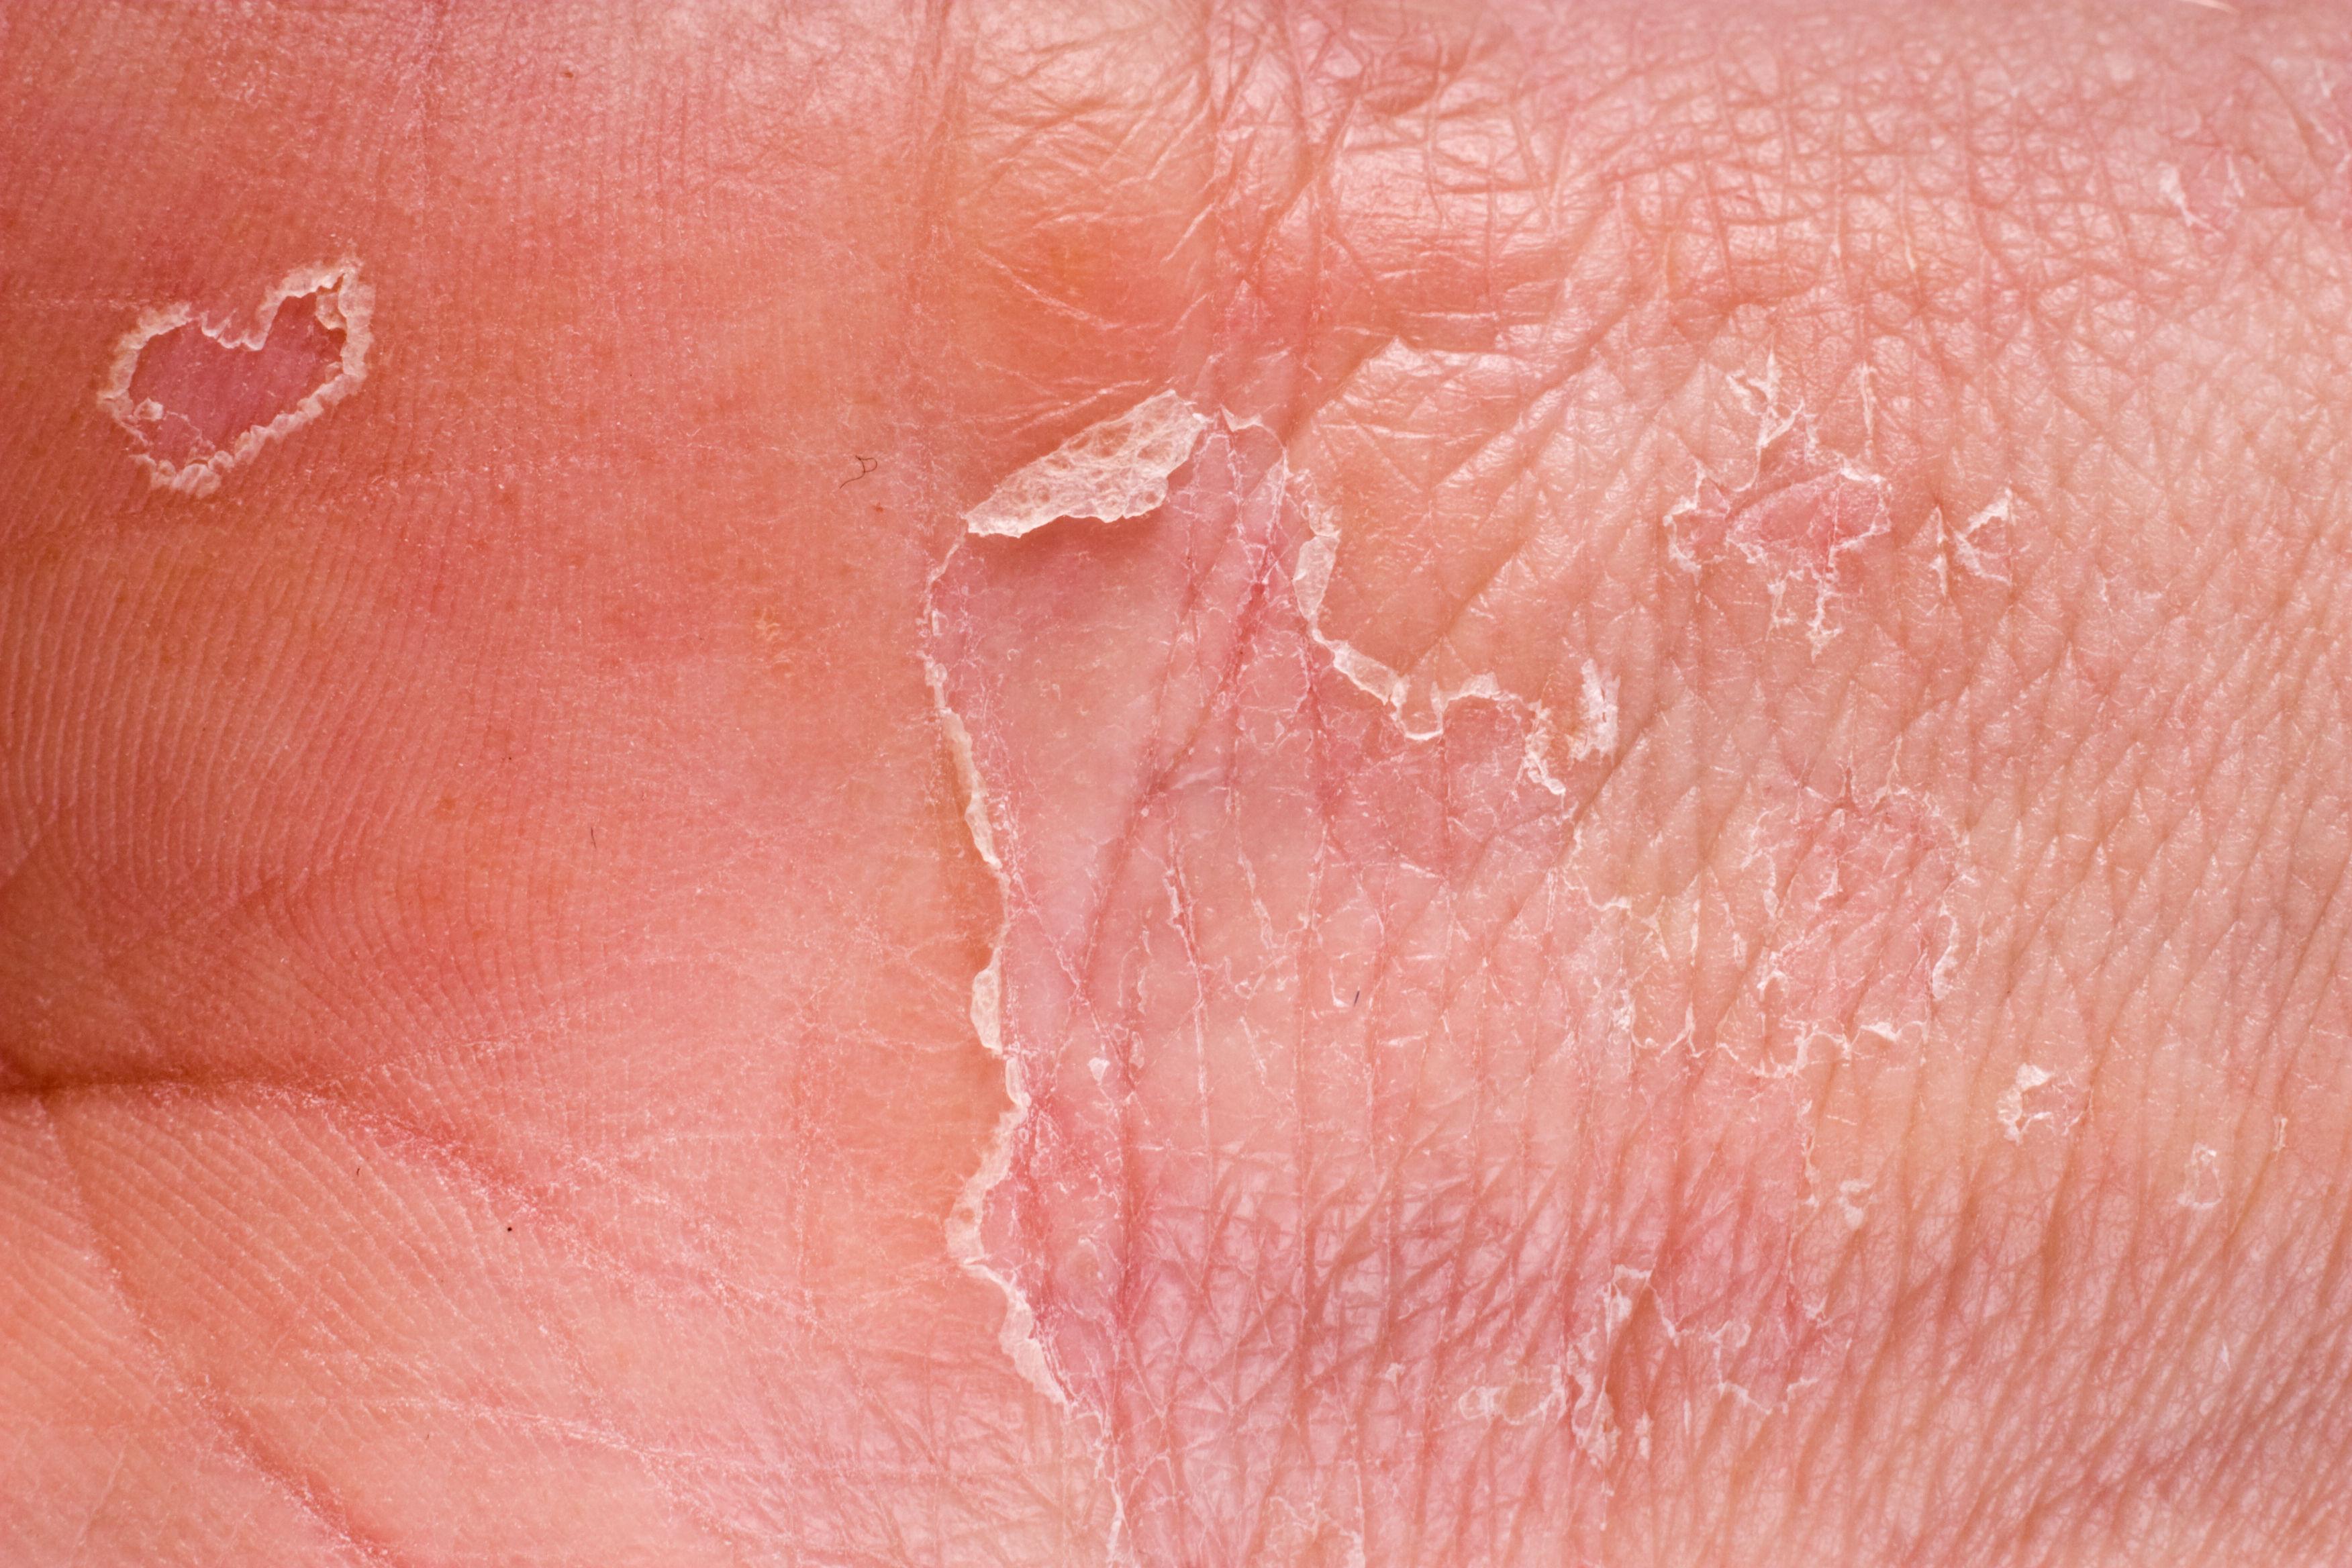 Шелушение кожи члена 7 фотография